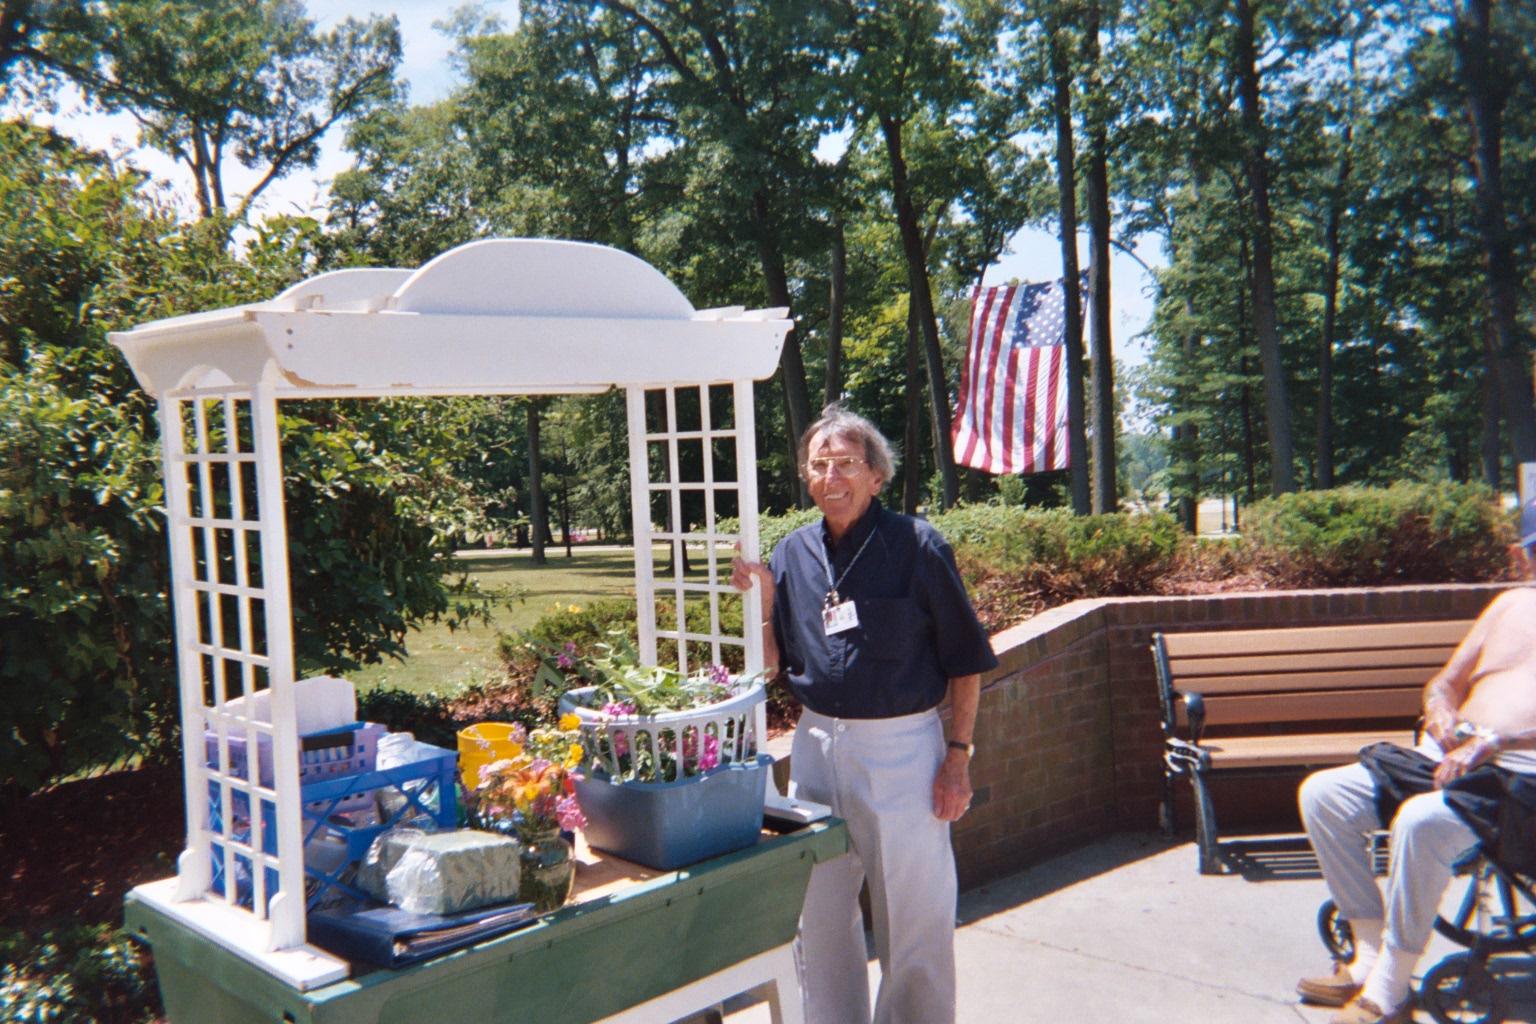 Grand rapids home for veterans le bonheur est dans le jardin for Le jardin voyageur peter brown